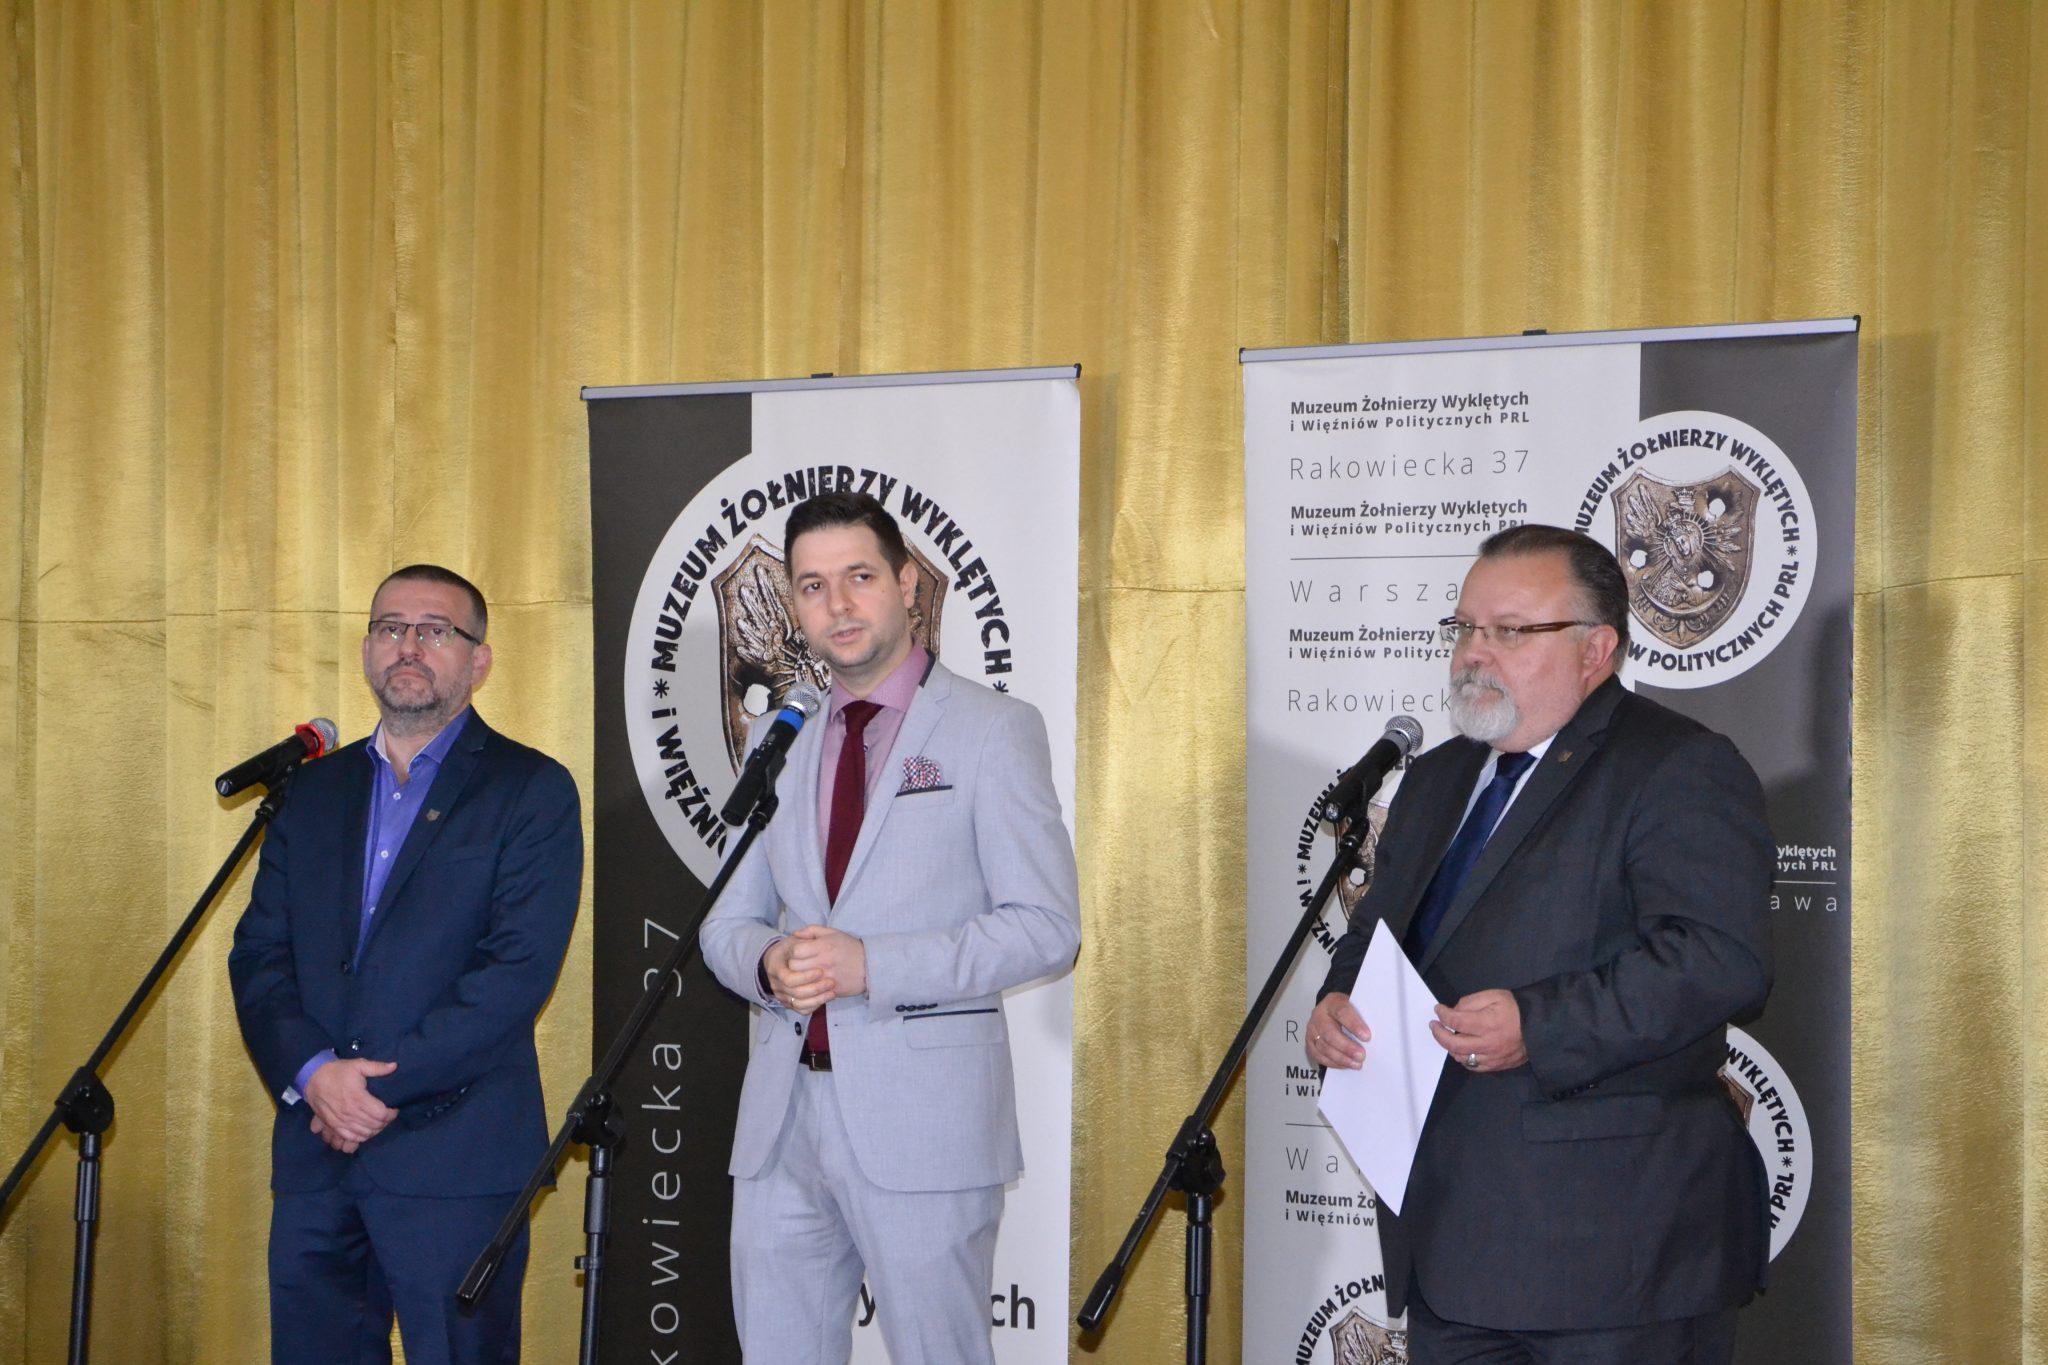 Konkurs na stałą ekspozycję w Muzeum Żołnierzy Wyklętych i Więźniów Politycznych PRL